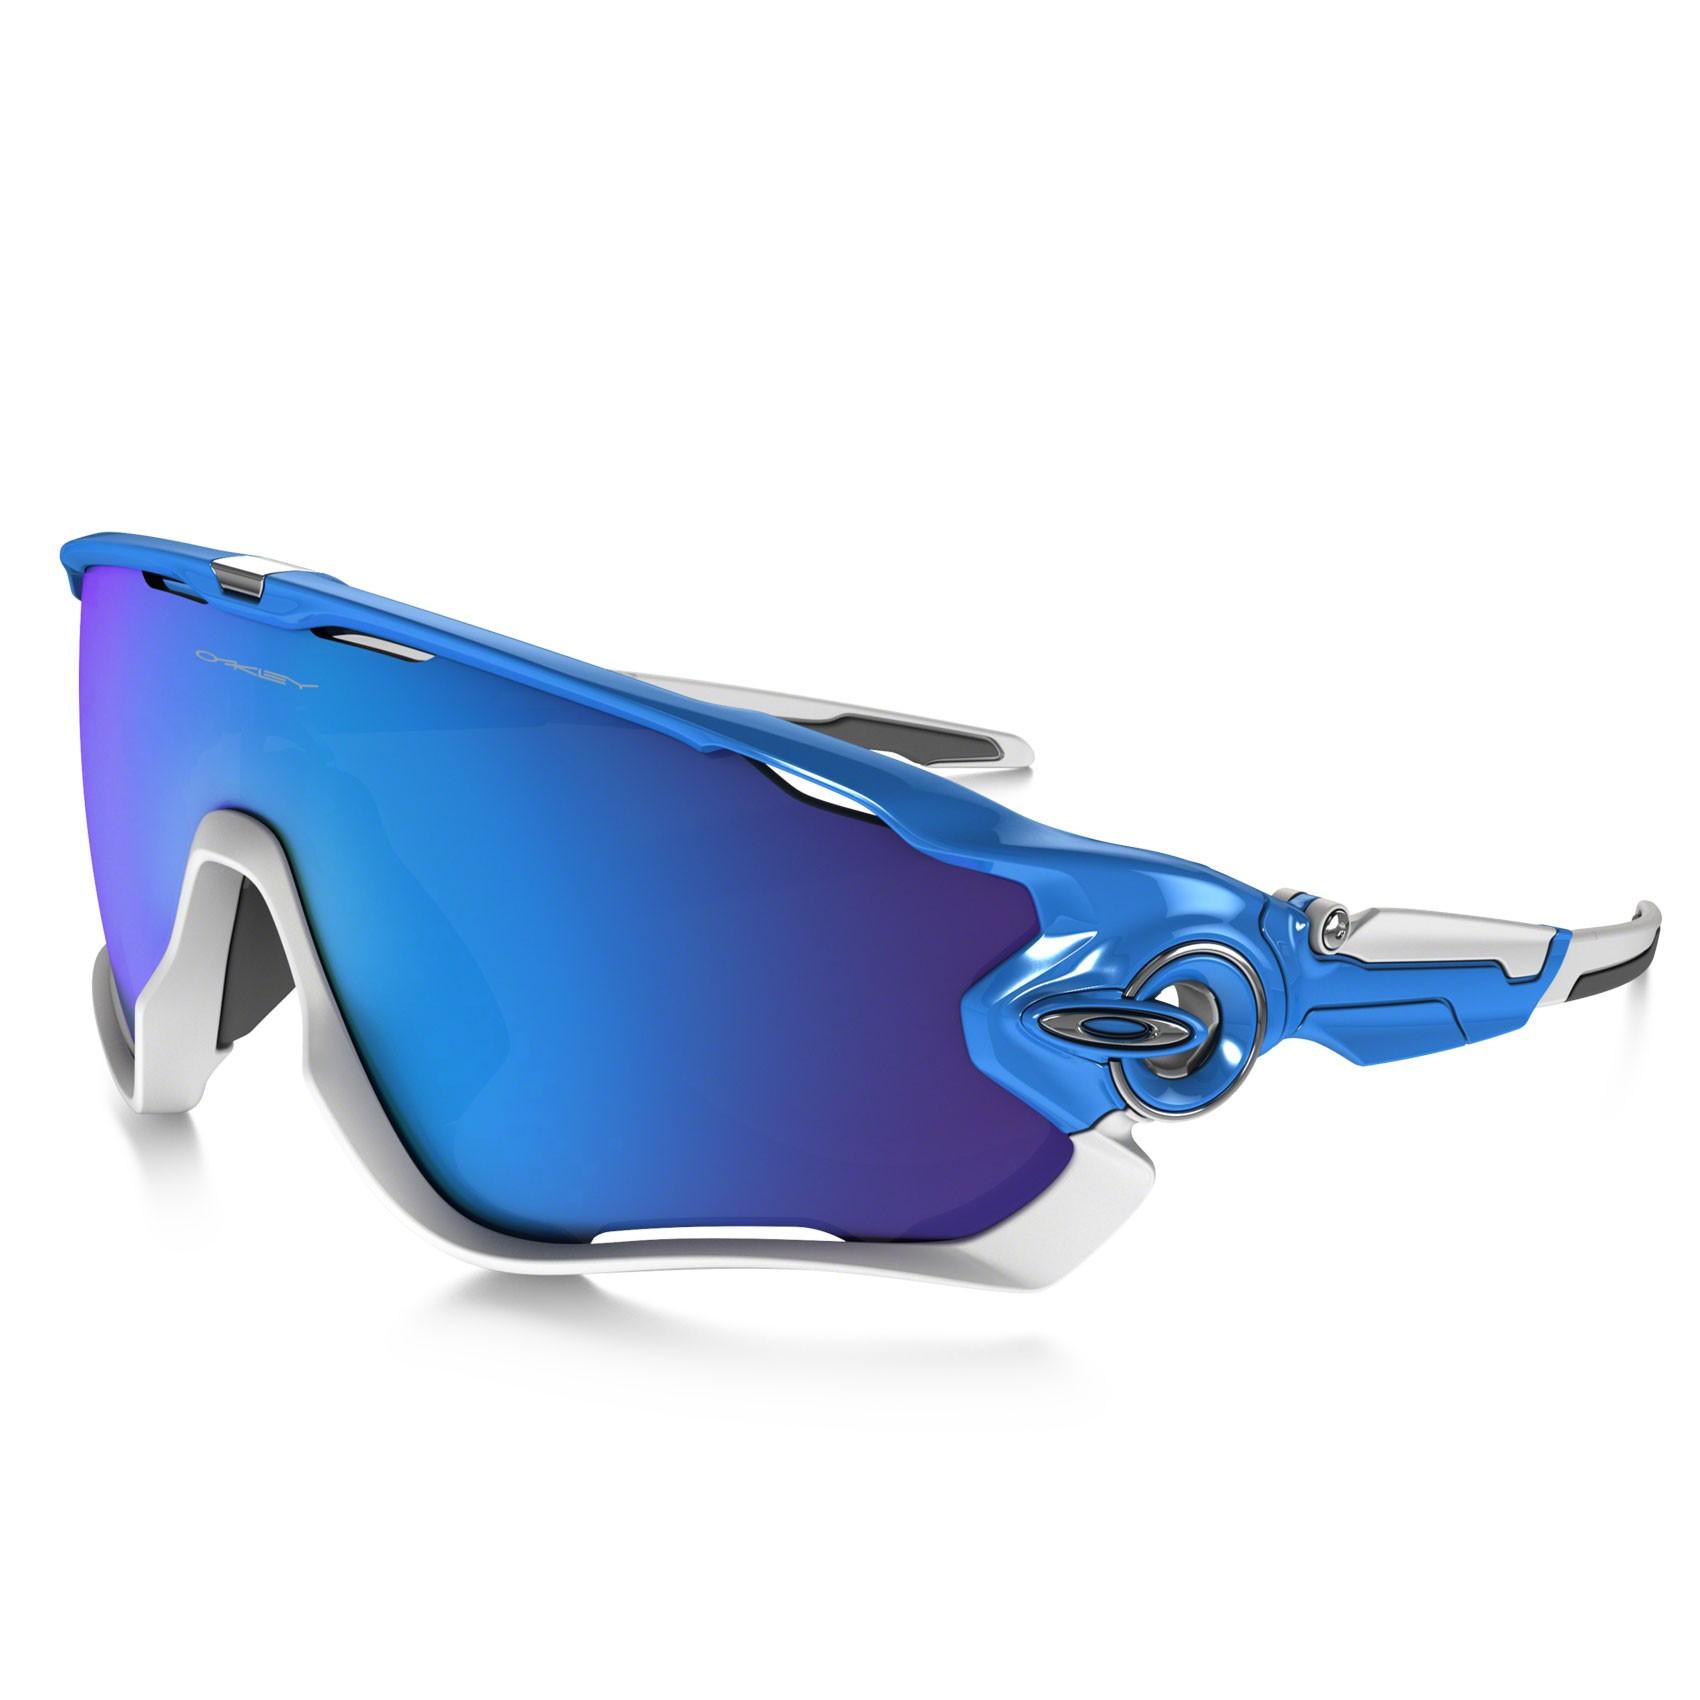 occhiali per sport oakley